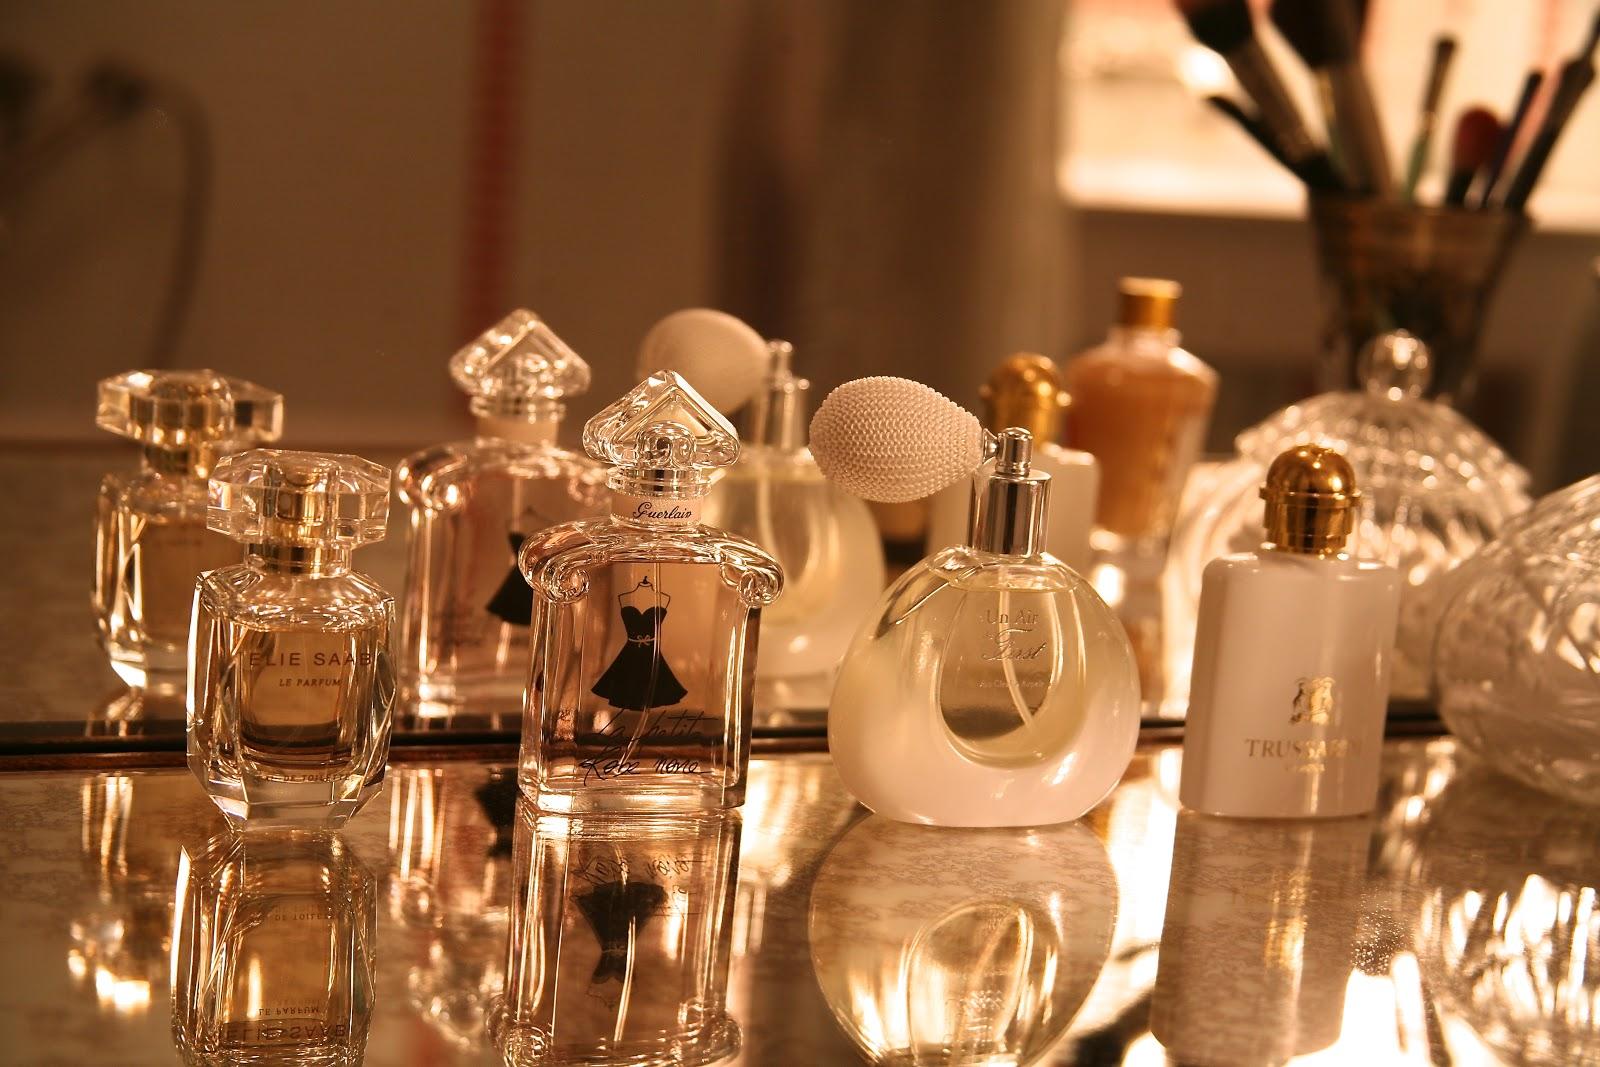 обусловлено фотографии парфюмерии высокого качества одного лица эмали